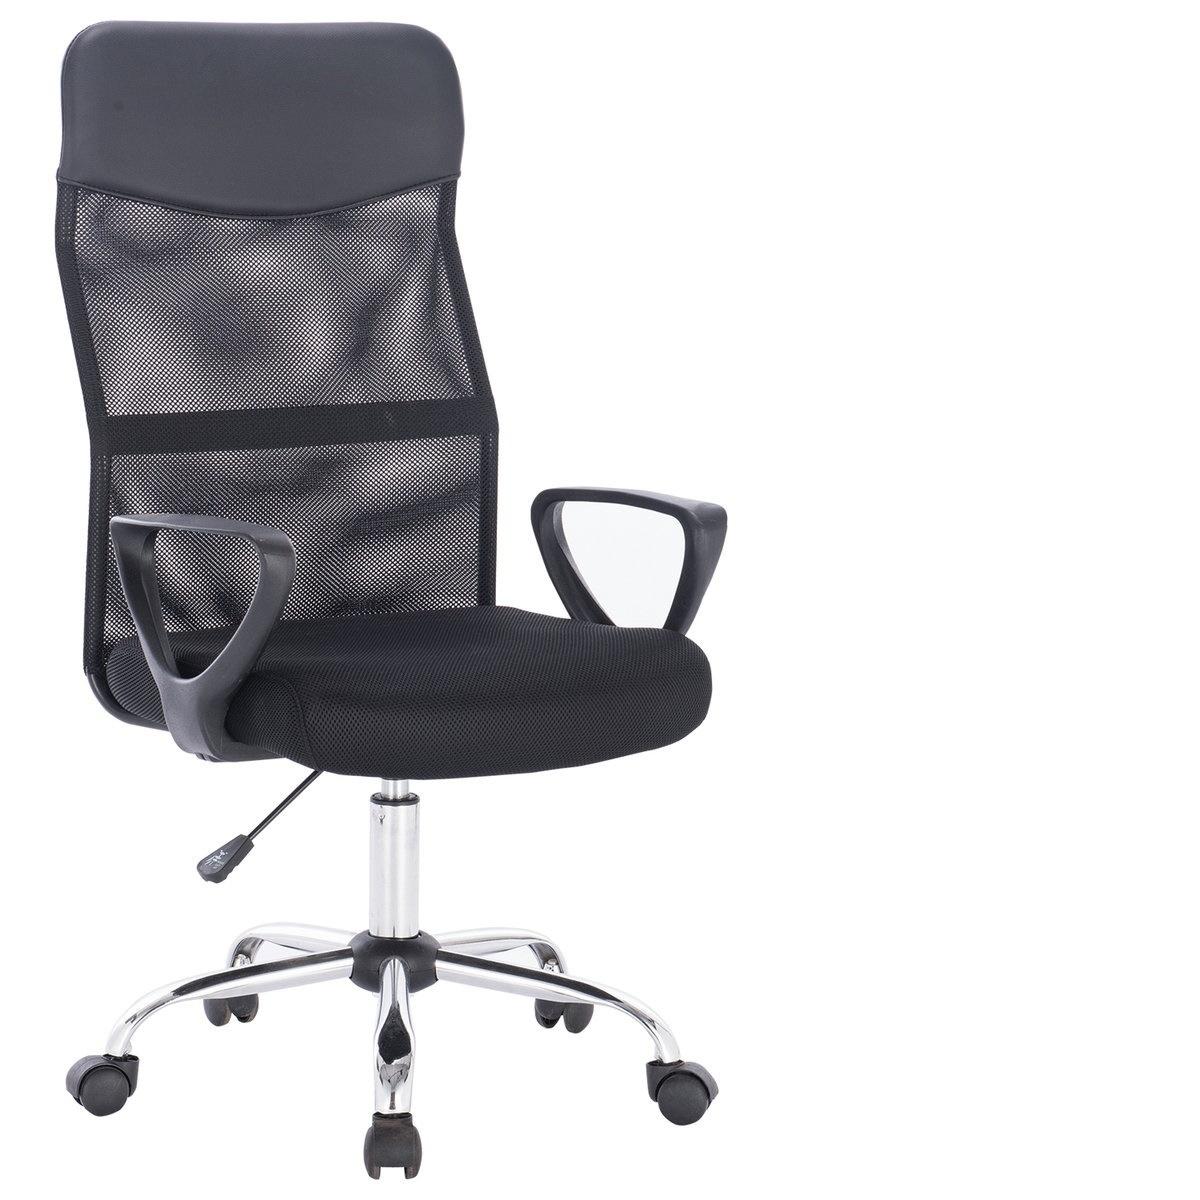 Офисное кресло Brabix Tender MG-330, Сетка, Ткань, черный #1